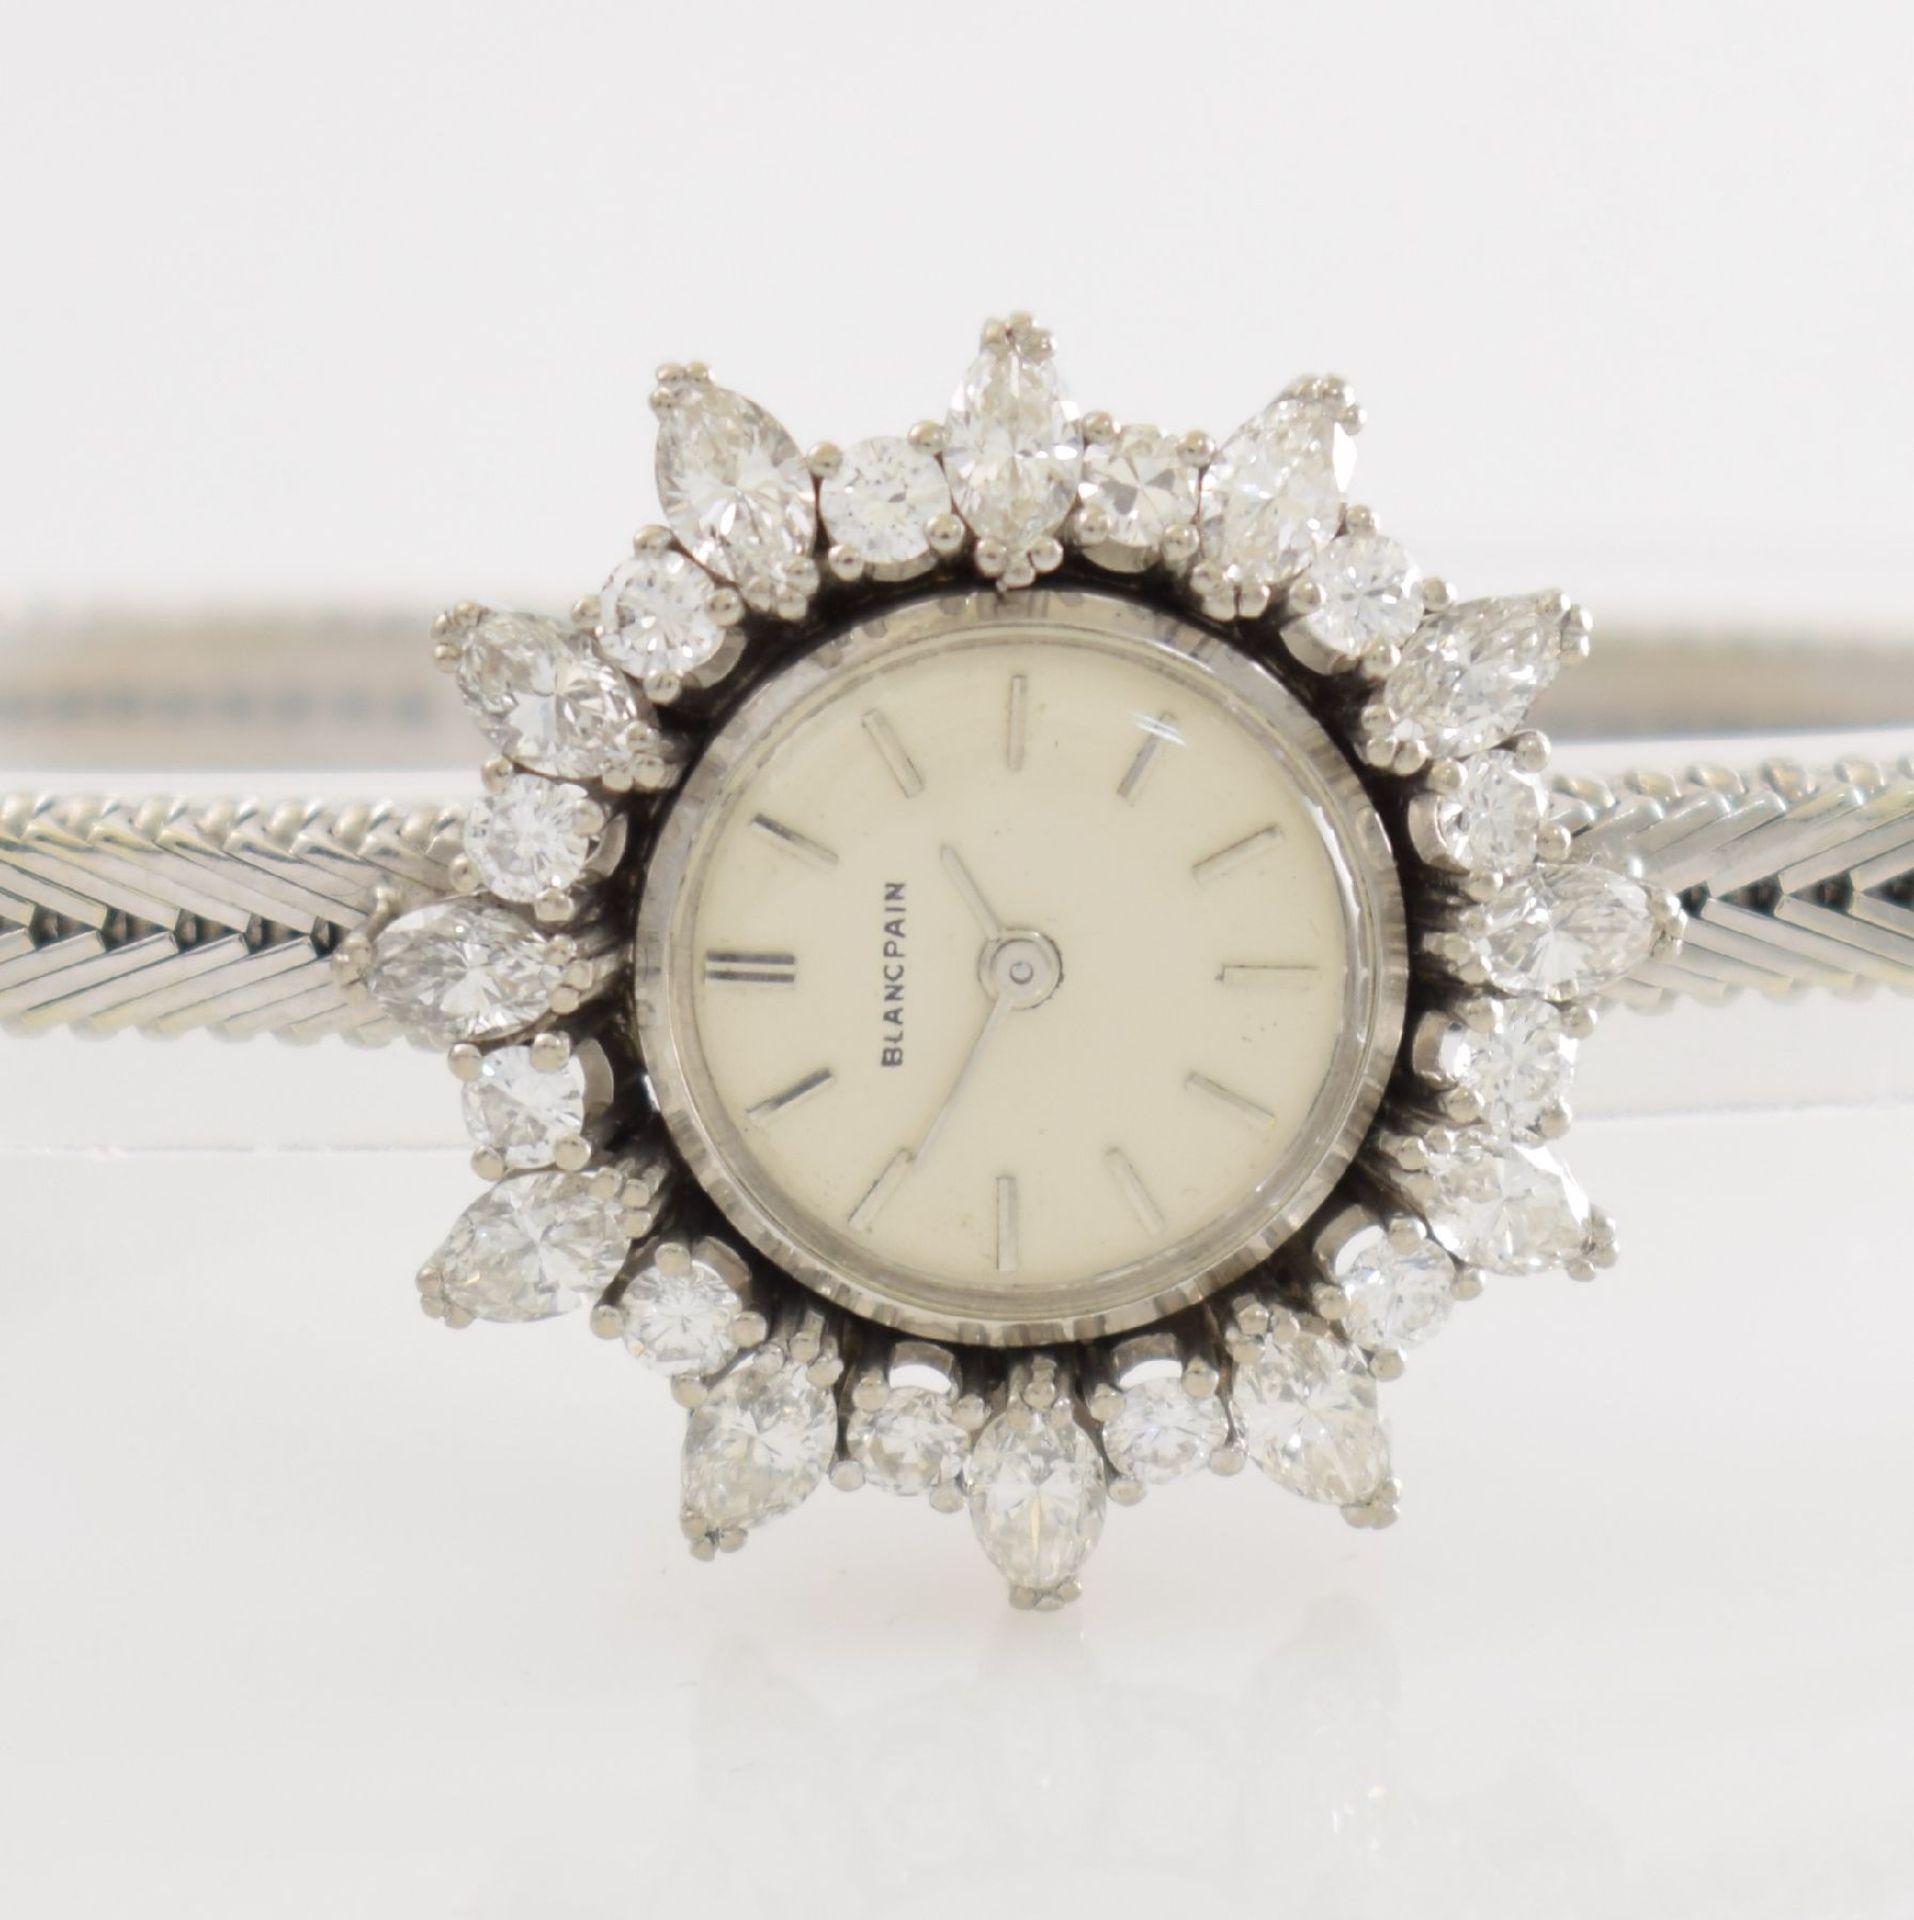 BLANCPAIN ausgefallene Damenarmbanduhr in WG 750/000 mit Diamantenbesatz zus. ca. 2,5 ct, Schweiz - Bild 2 aus 8